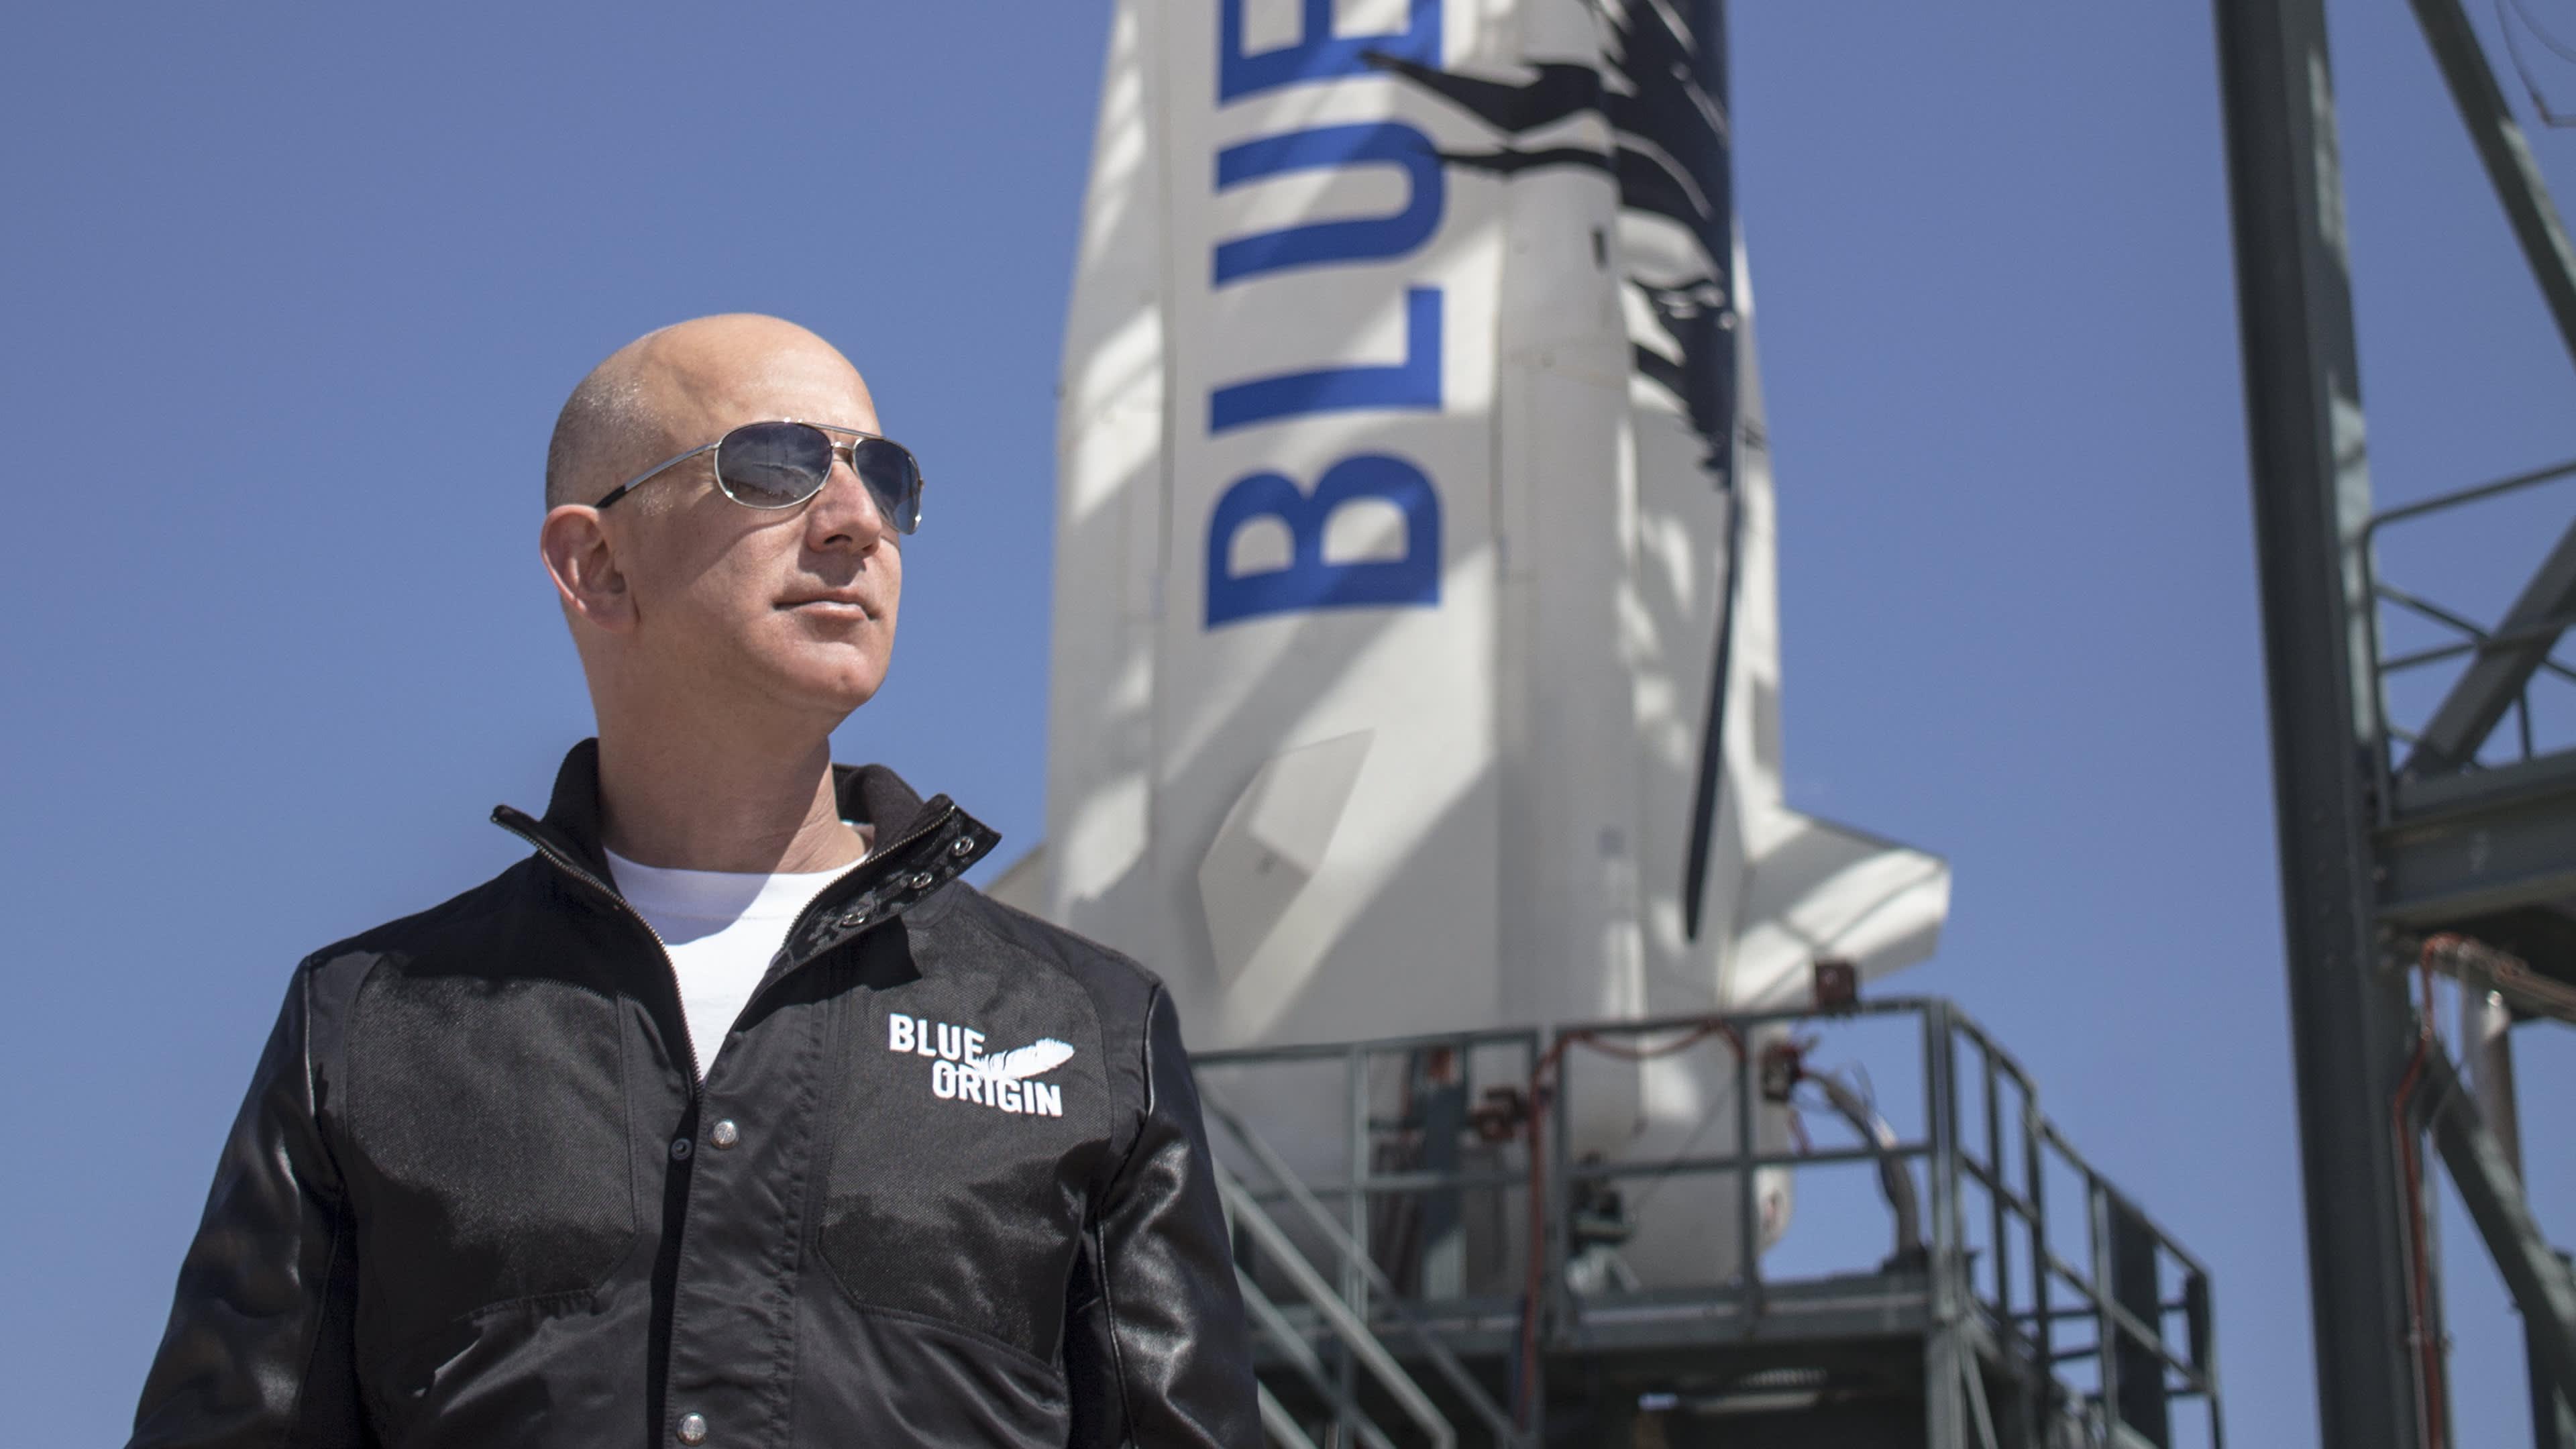 NASA astronaut Terry Virts on Jeff Bezos versus Elon Musk